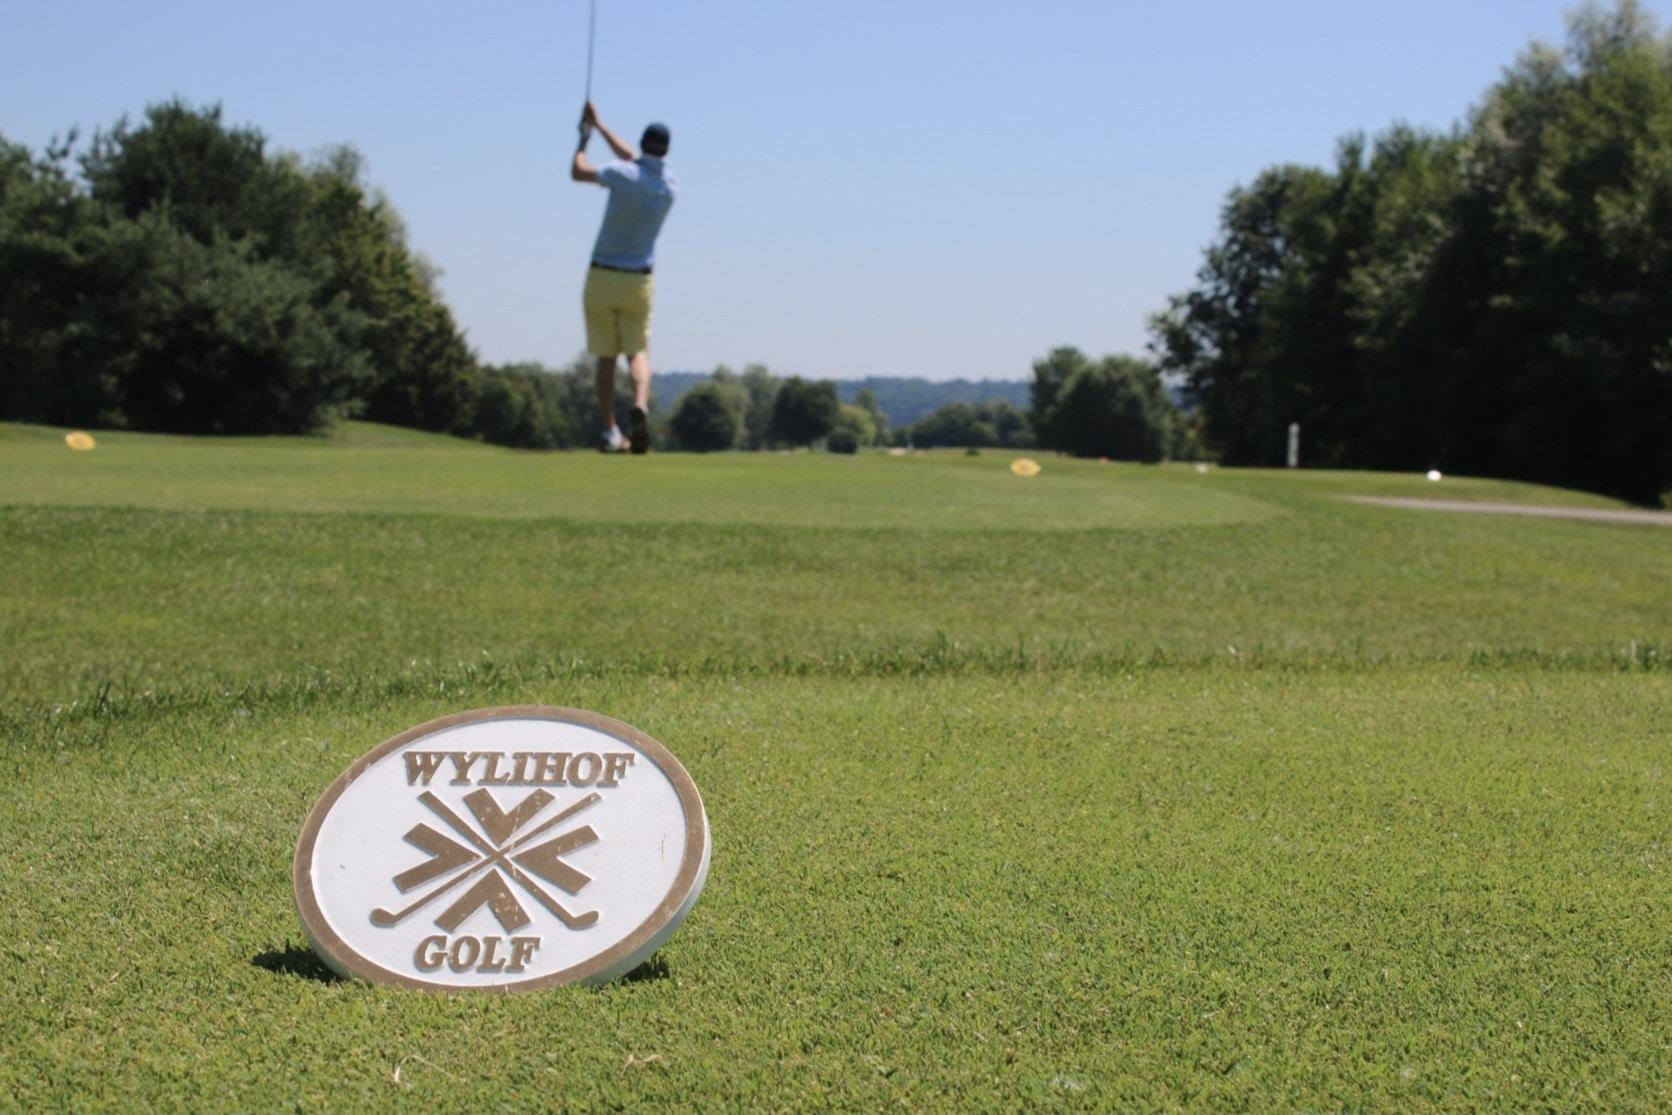 Golfclub Wylihof - Wylihof Golf AG